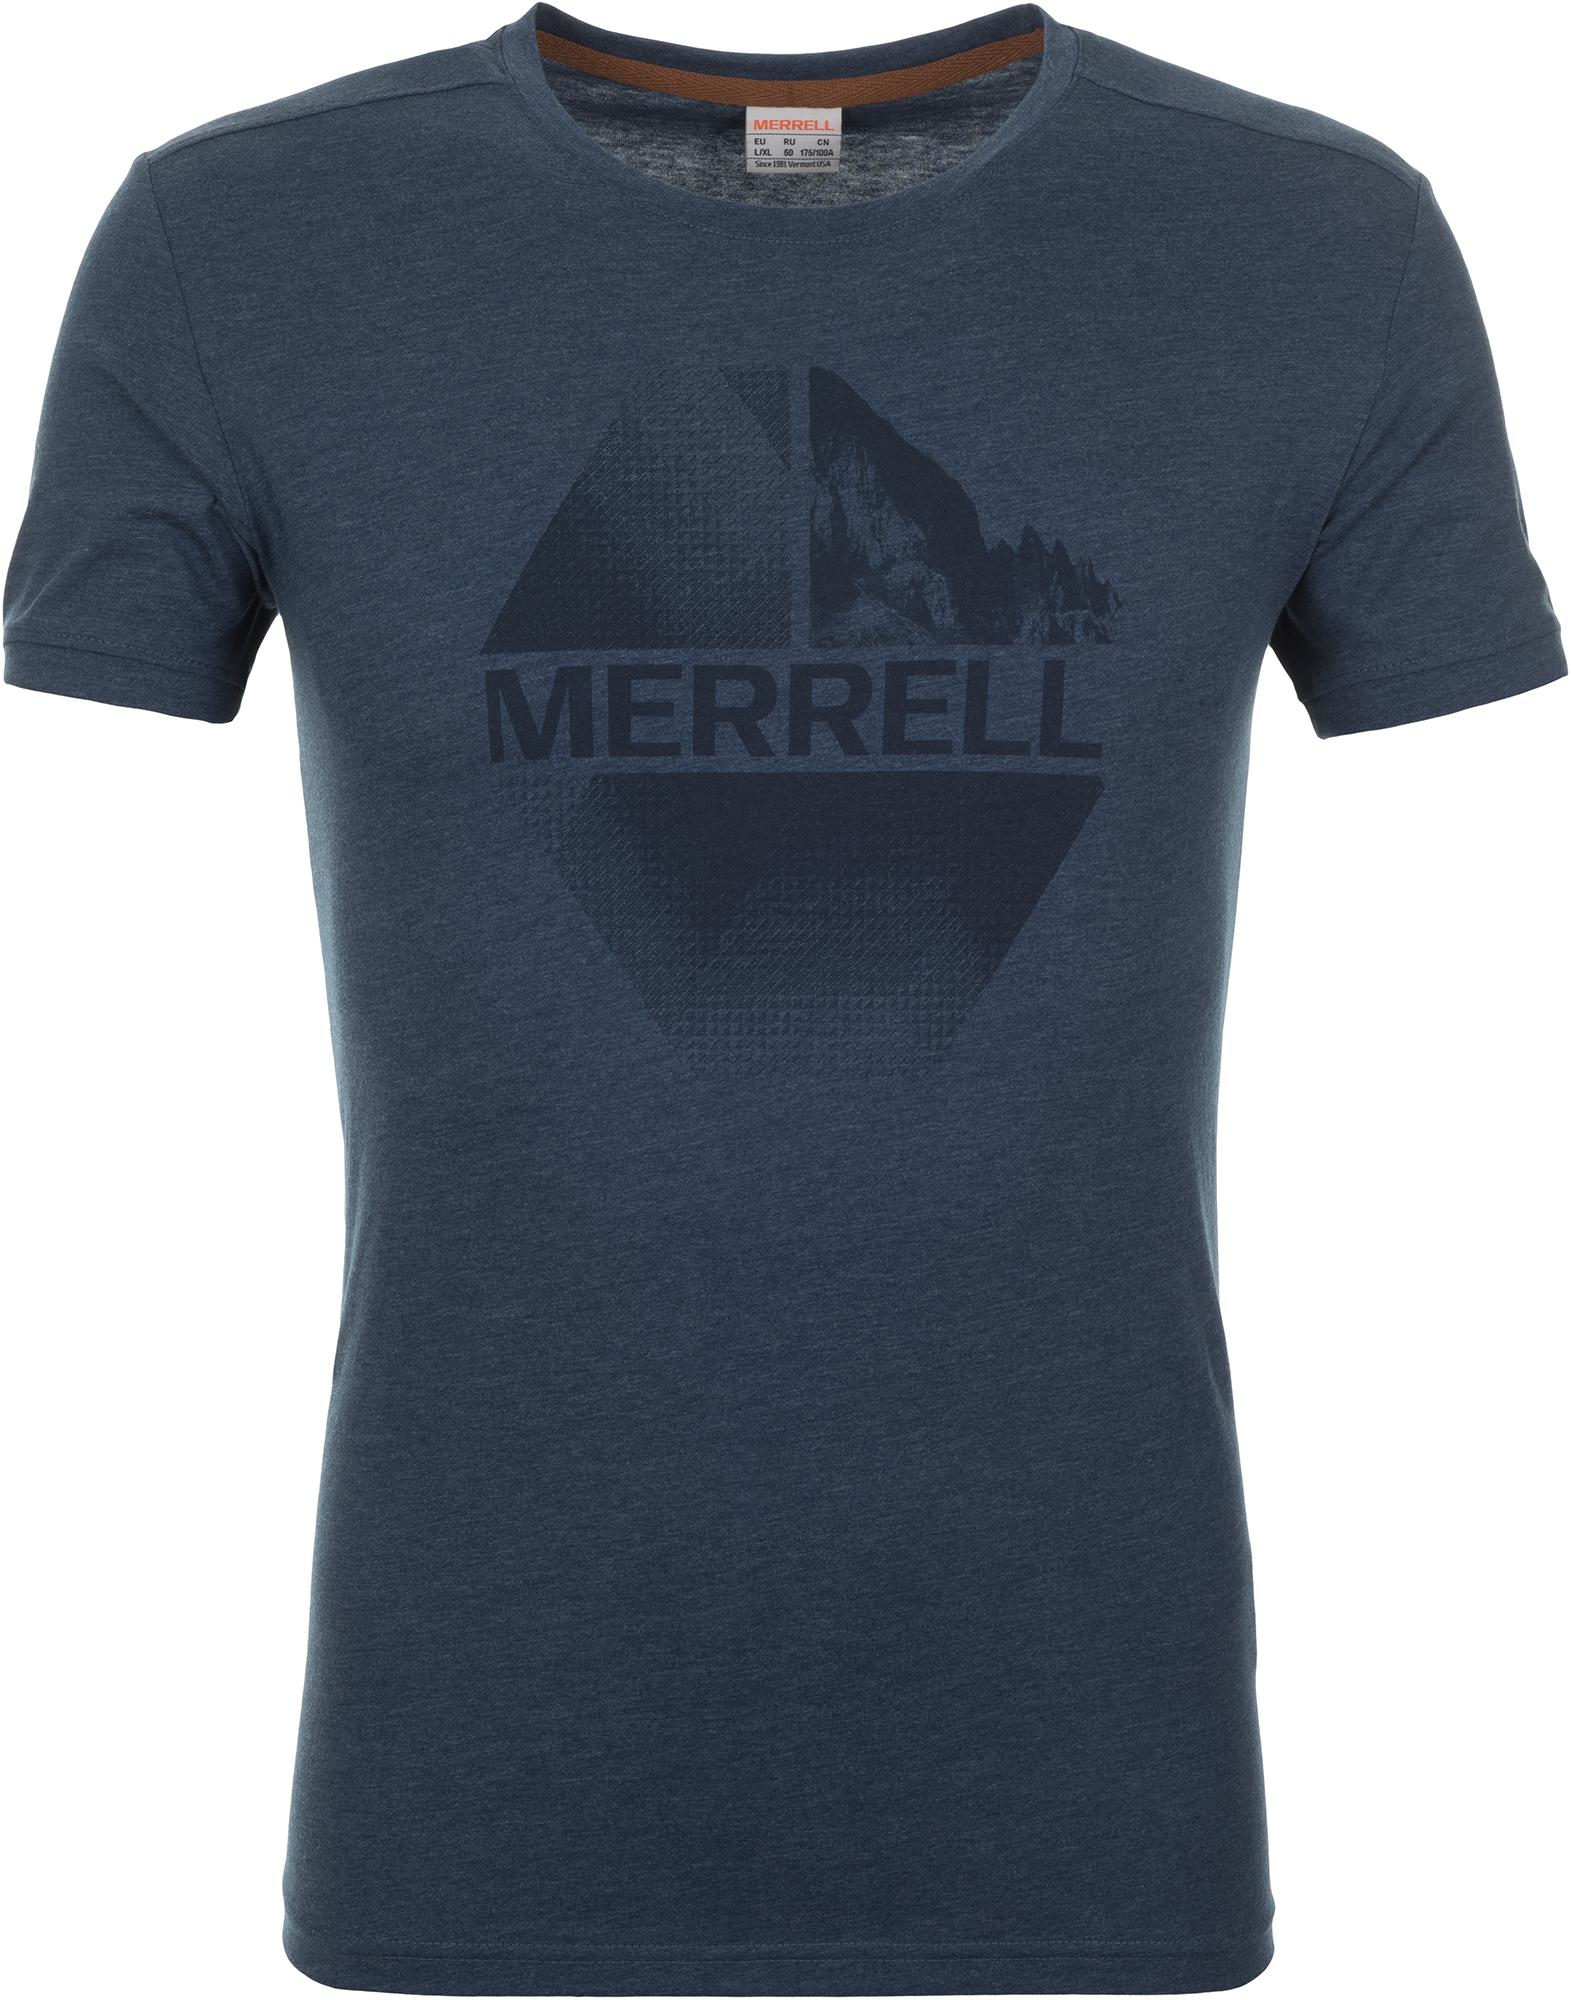 Merrell Футболка мужская Merrell, размер 58